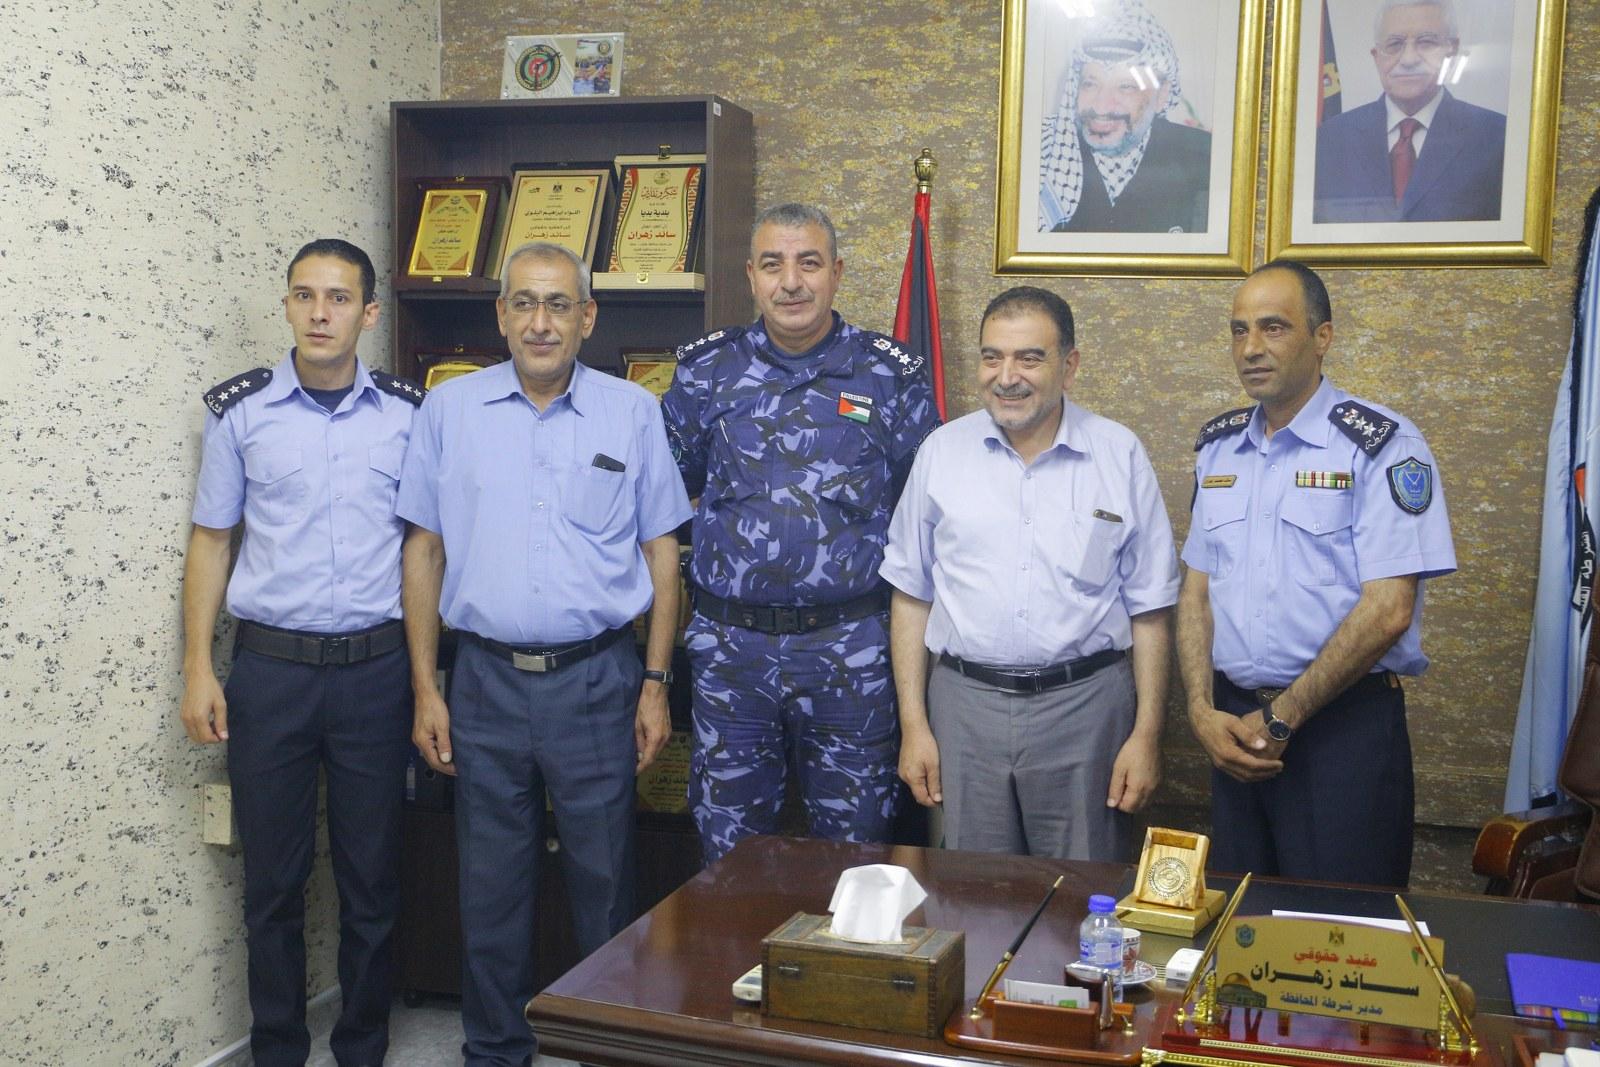 رئيس البلدية يهنئ مدير شرطة محافظة قلقيلية بمنصبه الجديد